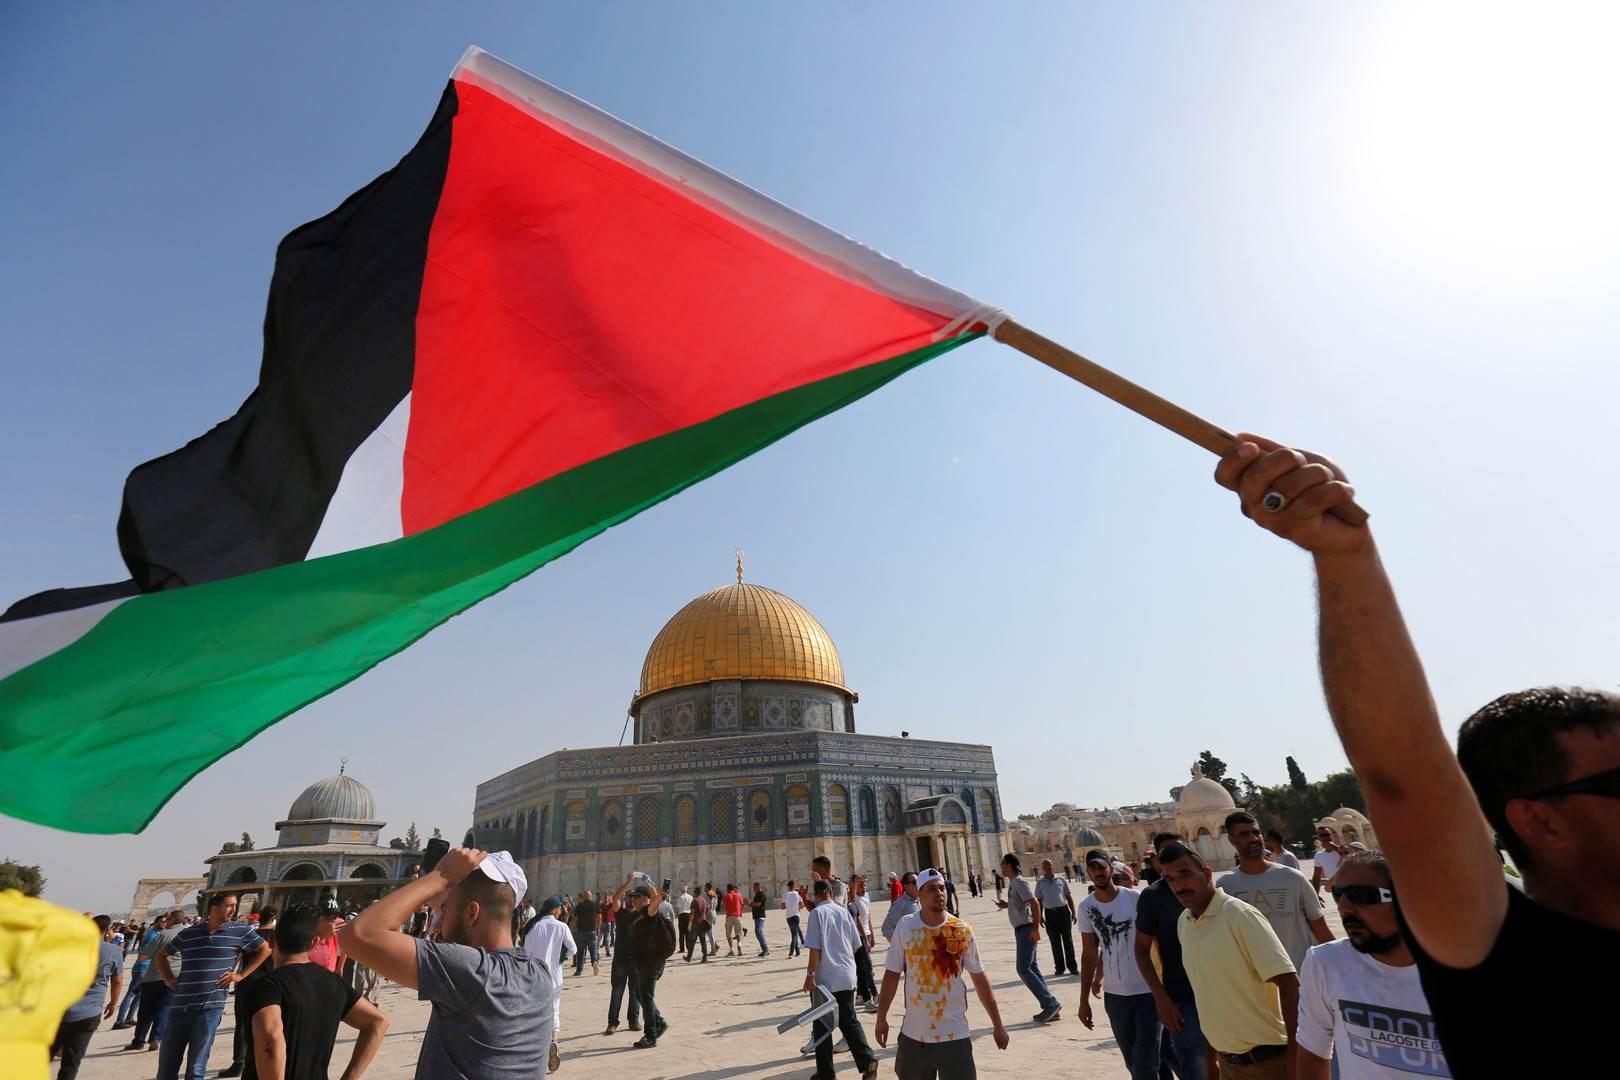 الفصائل الفلسطينية: الاتفاق الاماراتي الاسرائيلي سيشجع الاحتلال على ارتكاب المزيد من الجرائم